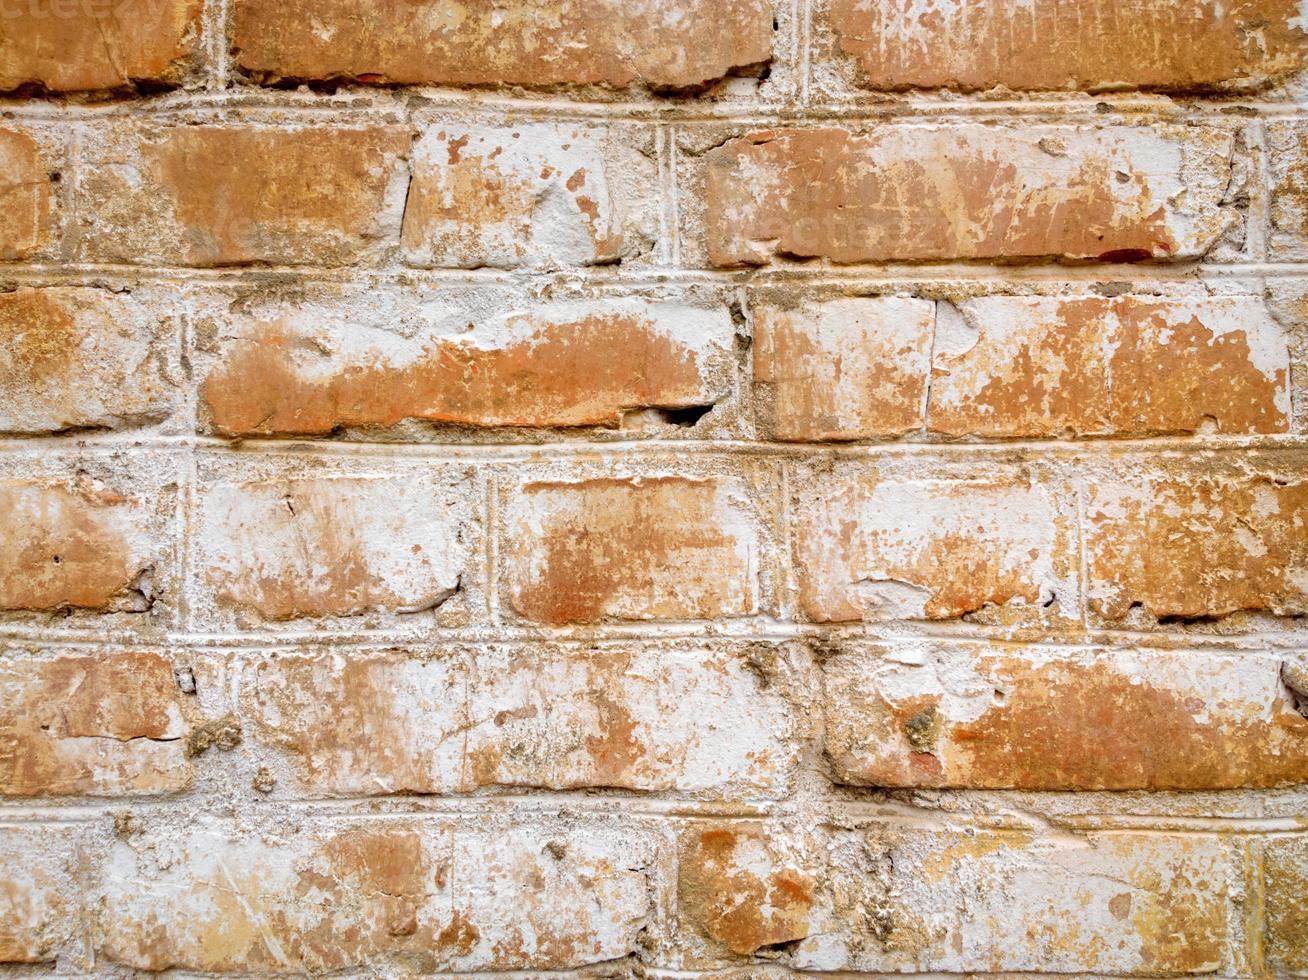 Background stone. photo